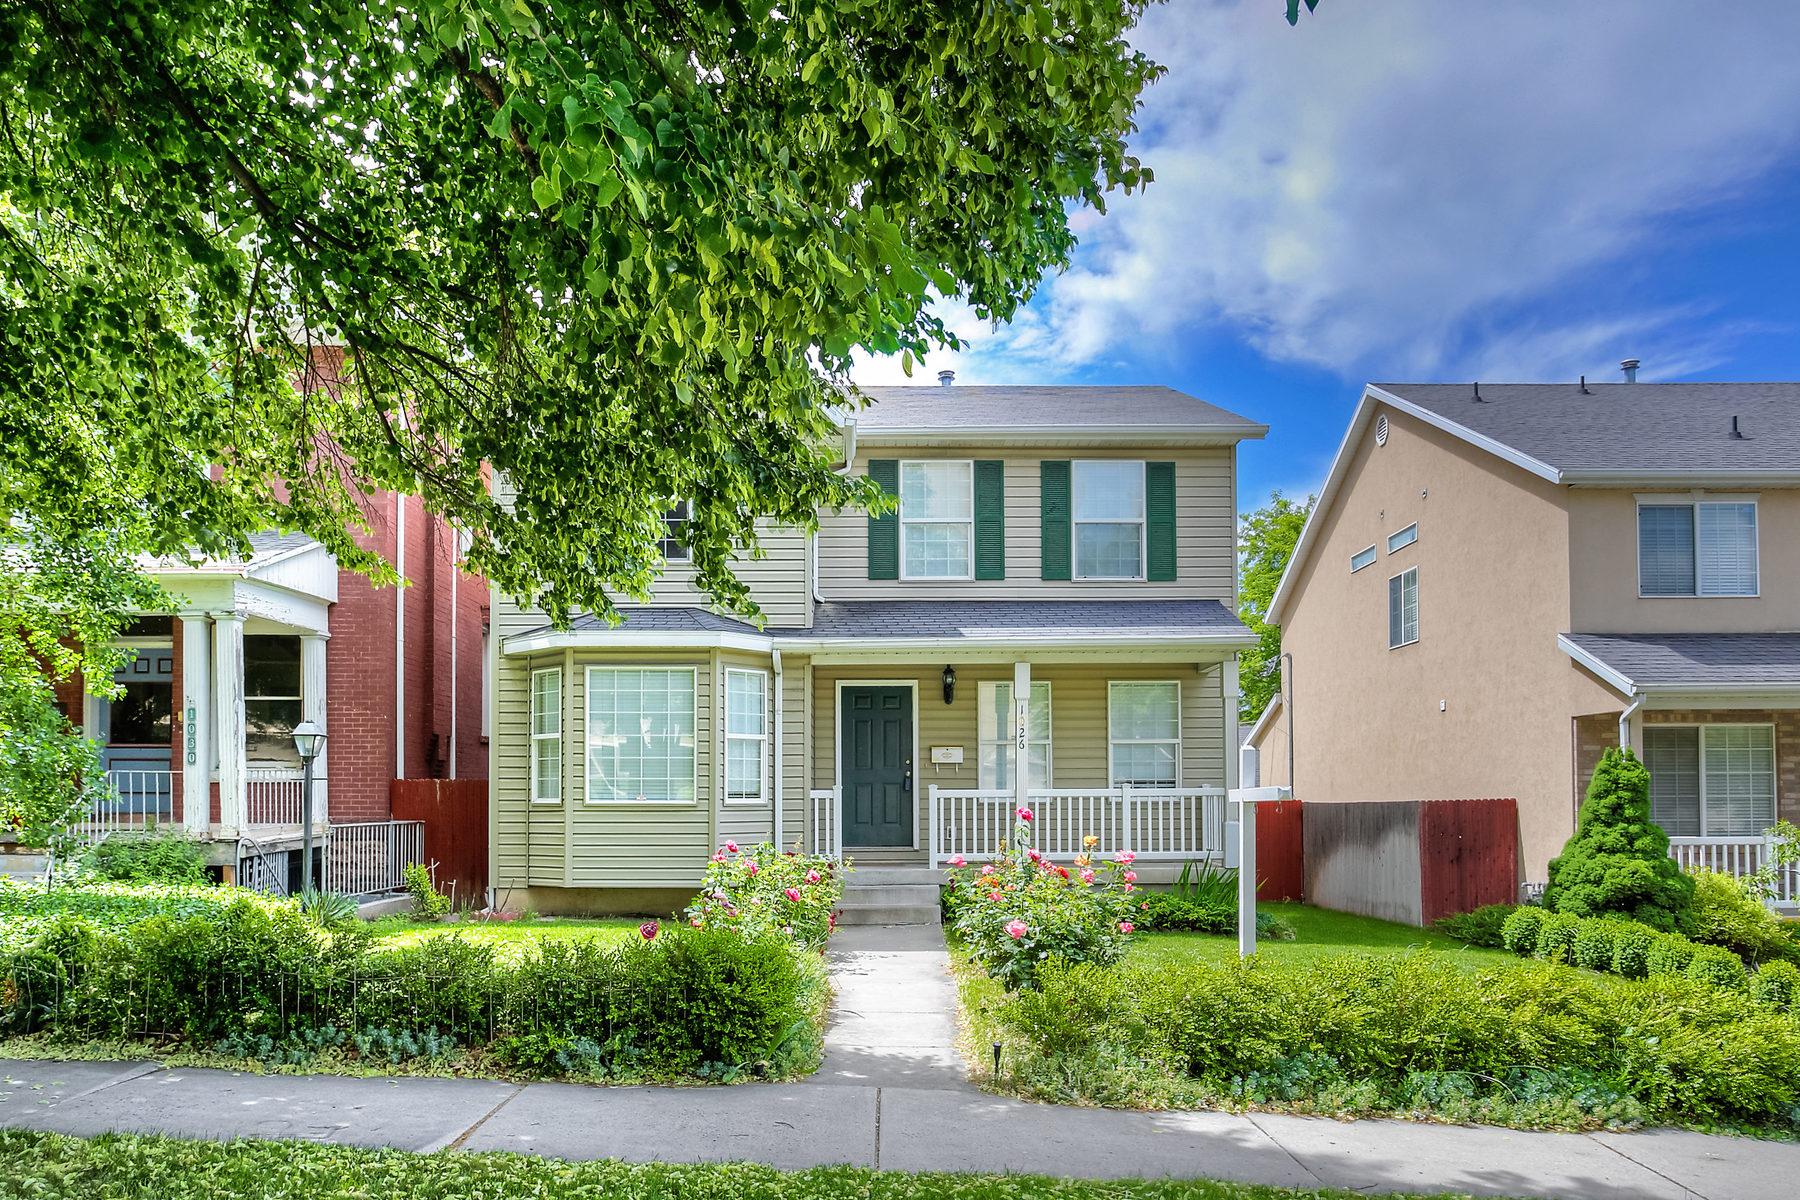 Maison unifamiliale pour l Vente à Cool Central Urban Area 1026 East 100 South Salt Lake City, Utah 84102 États-Unis